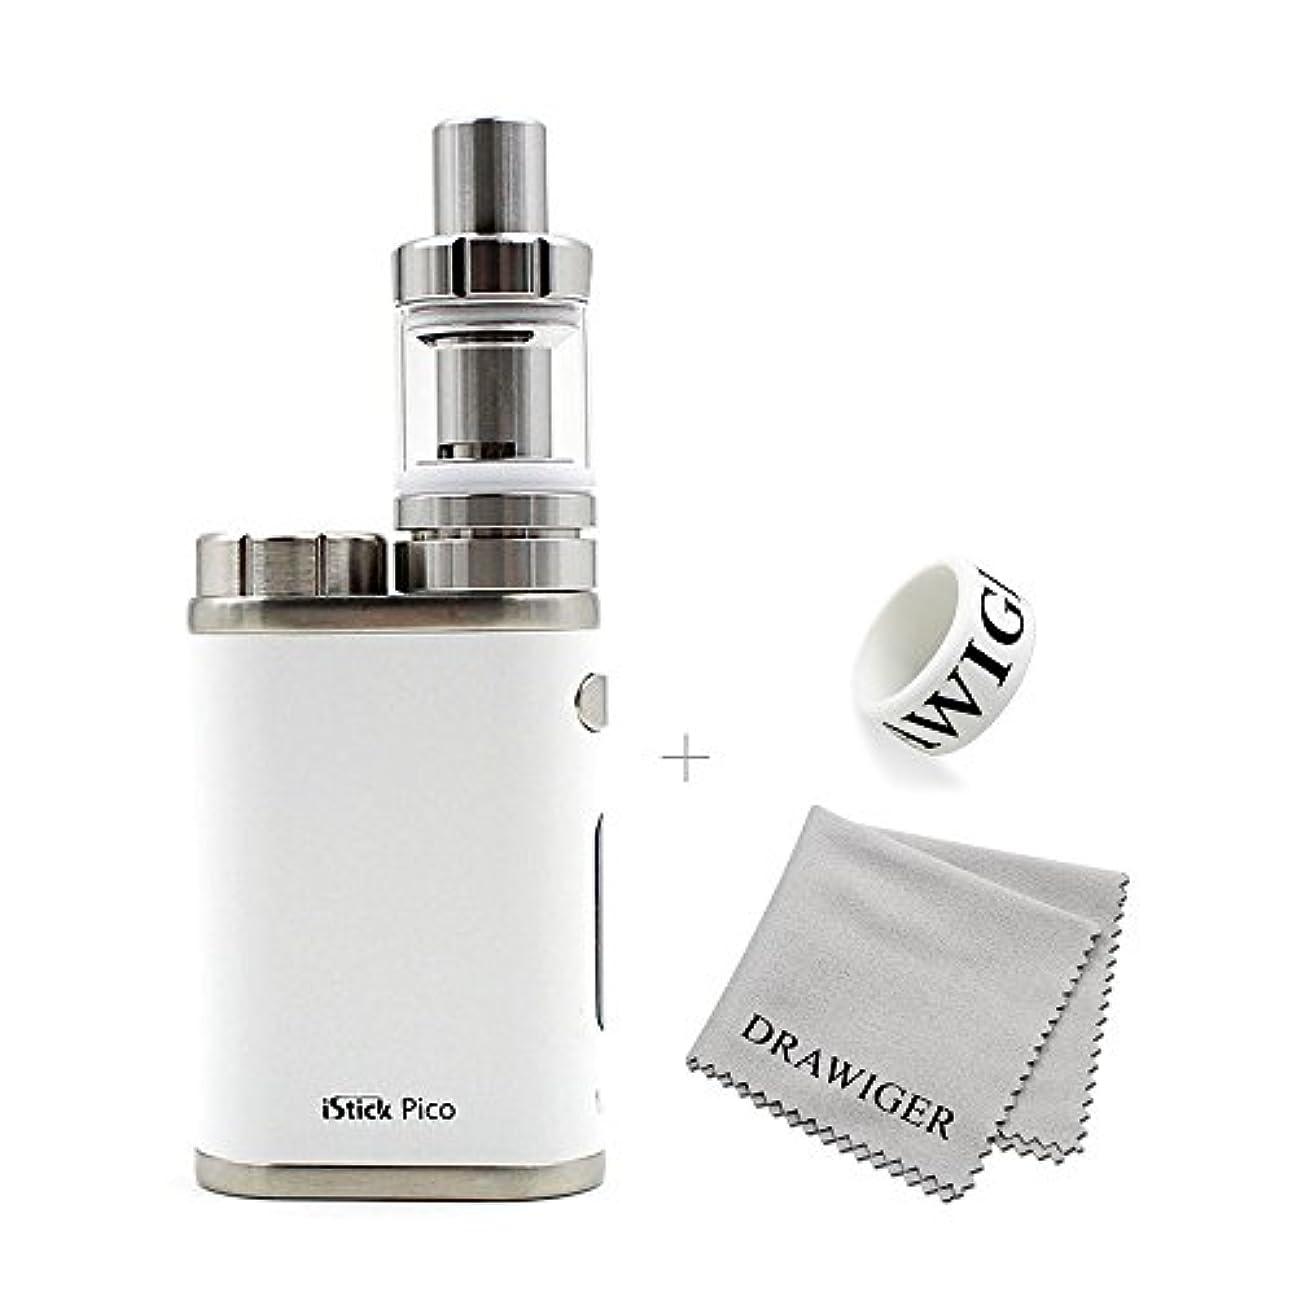 食料品店空虚シガレットEleaf(イーリーフ)iStick Pico+Mel3 mini 2mlアトマイザー 電子タバコ スターターキット(ホワイト)